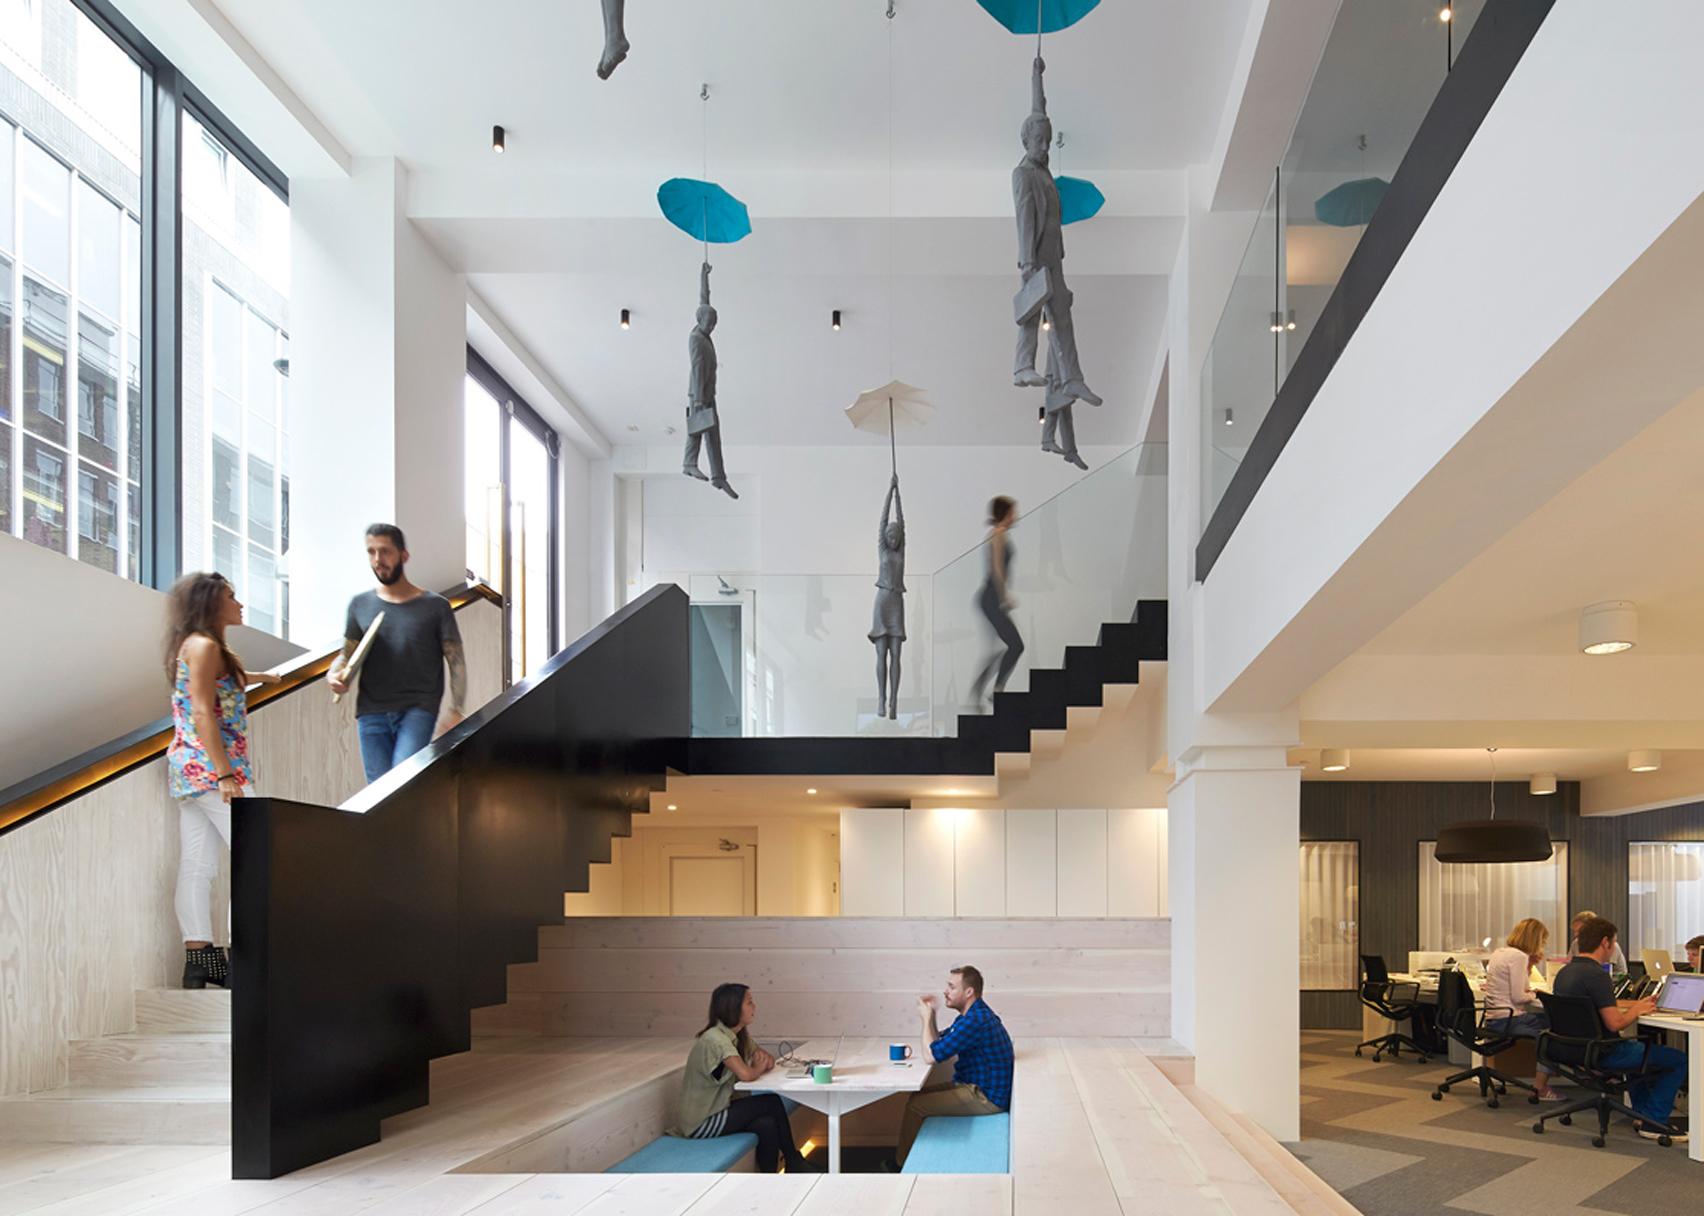 Fold 7 office by Paul Crofts Studio